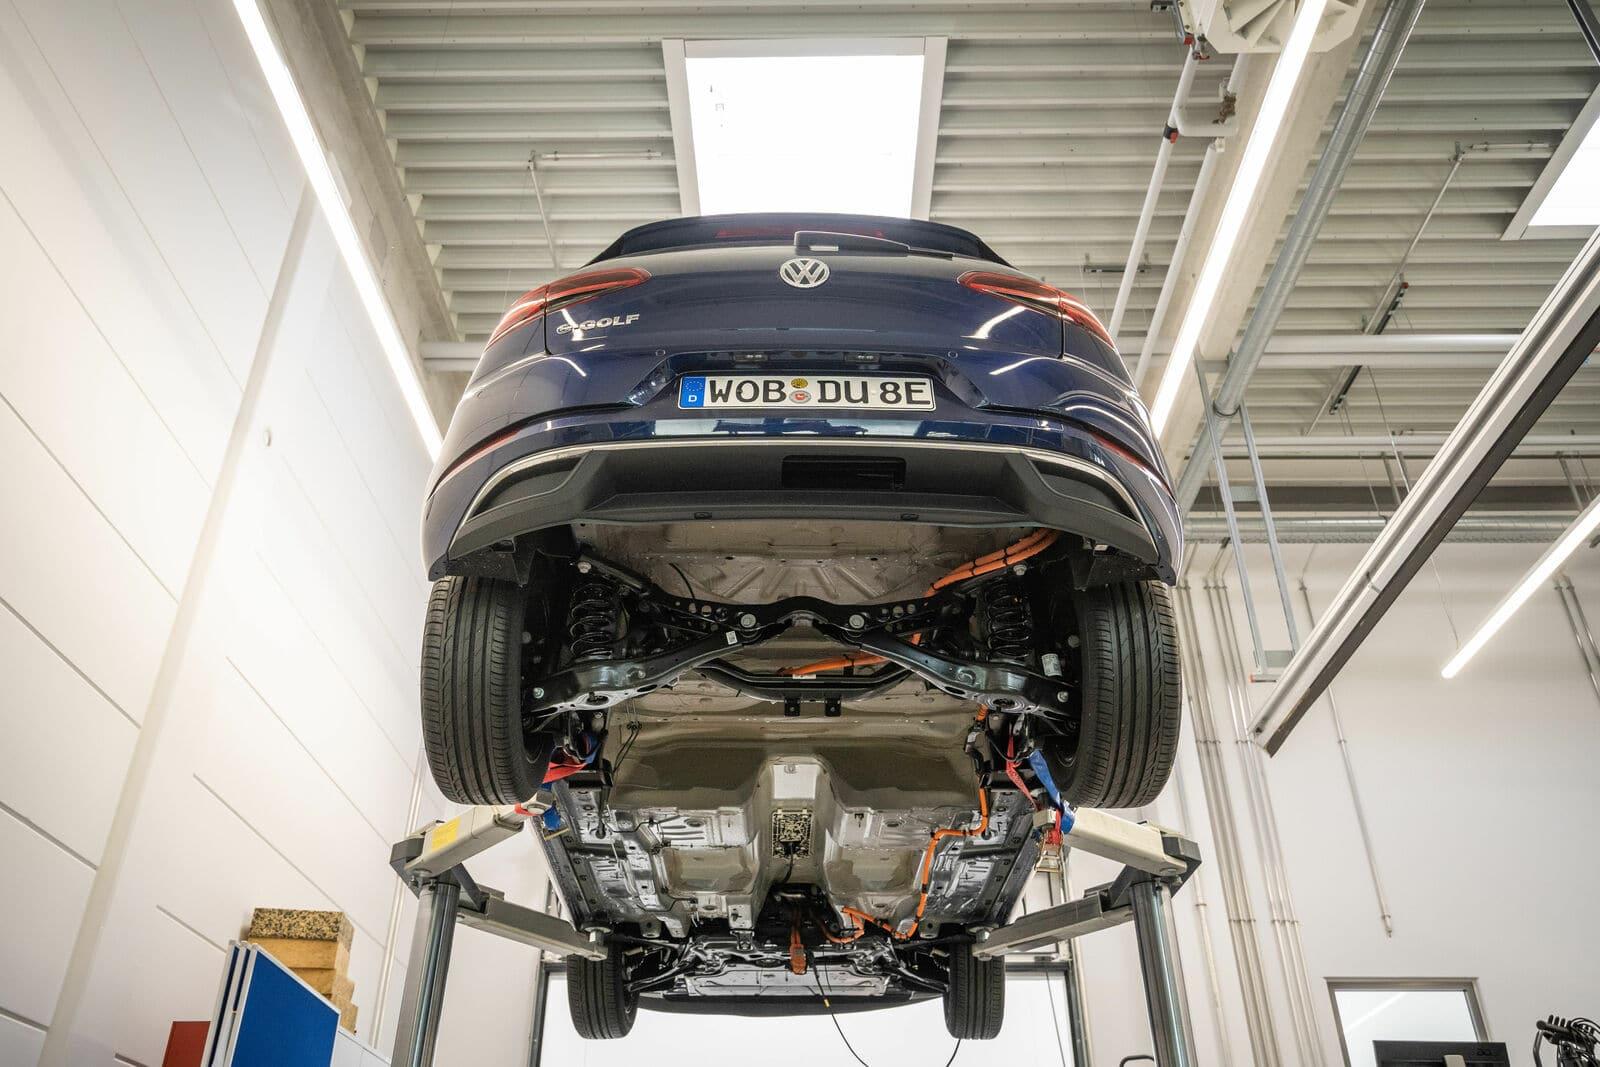 Auto elettriche: è possibile riparare le batterie?